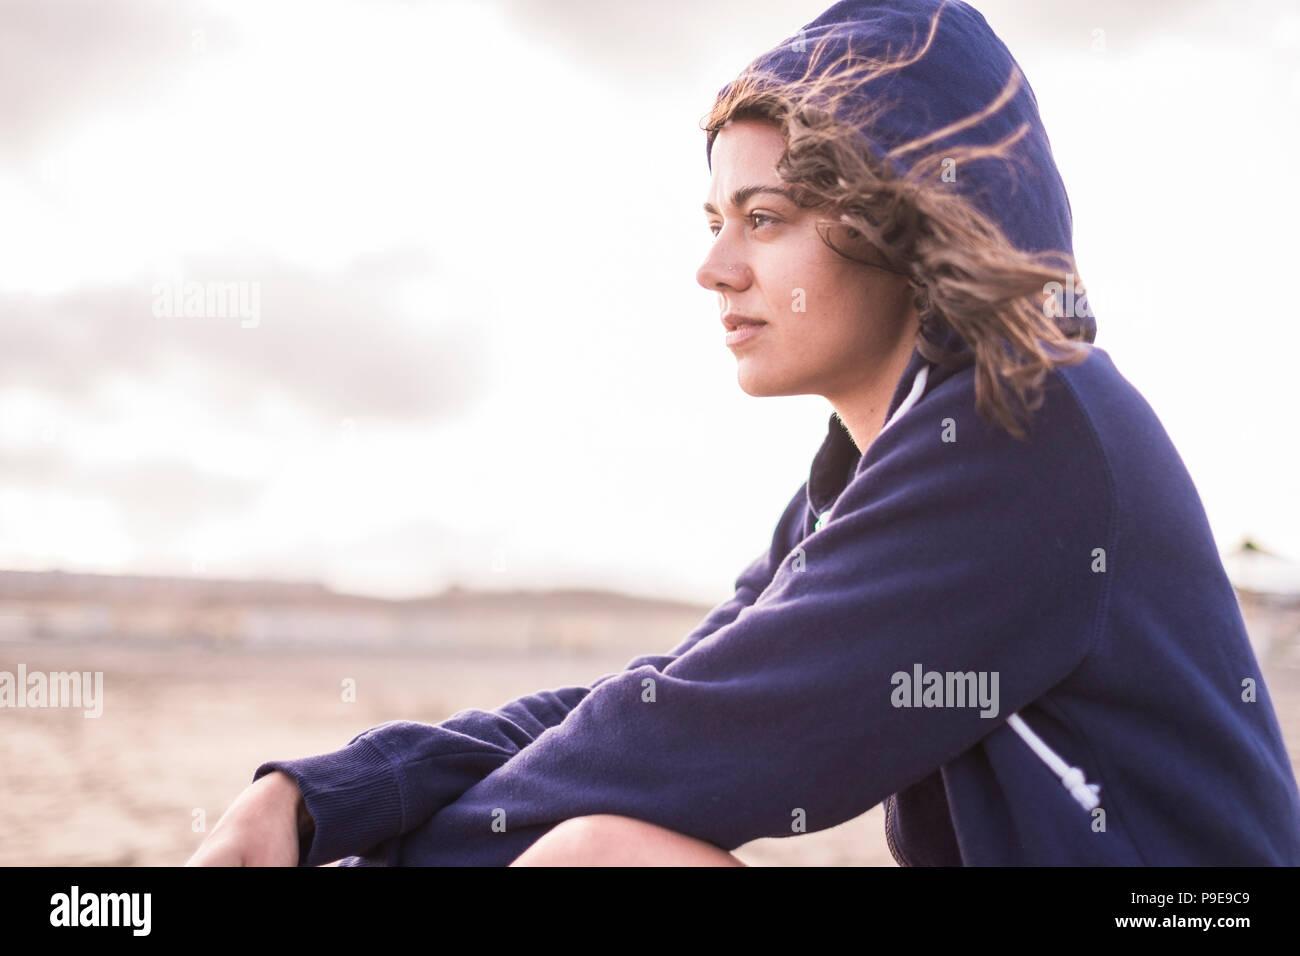 Belle fille assise sur la plage en plein air des vacances. perdue dans ses pensées avec l'indépendance et la liberté concept. ciel clair avec des nuages en Photo Stock